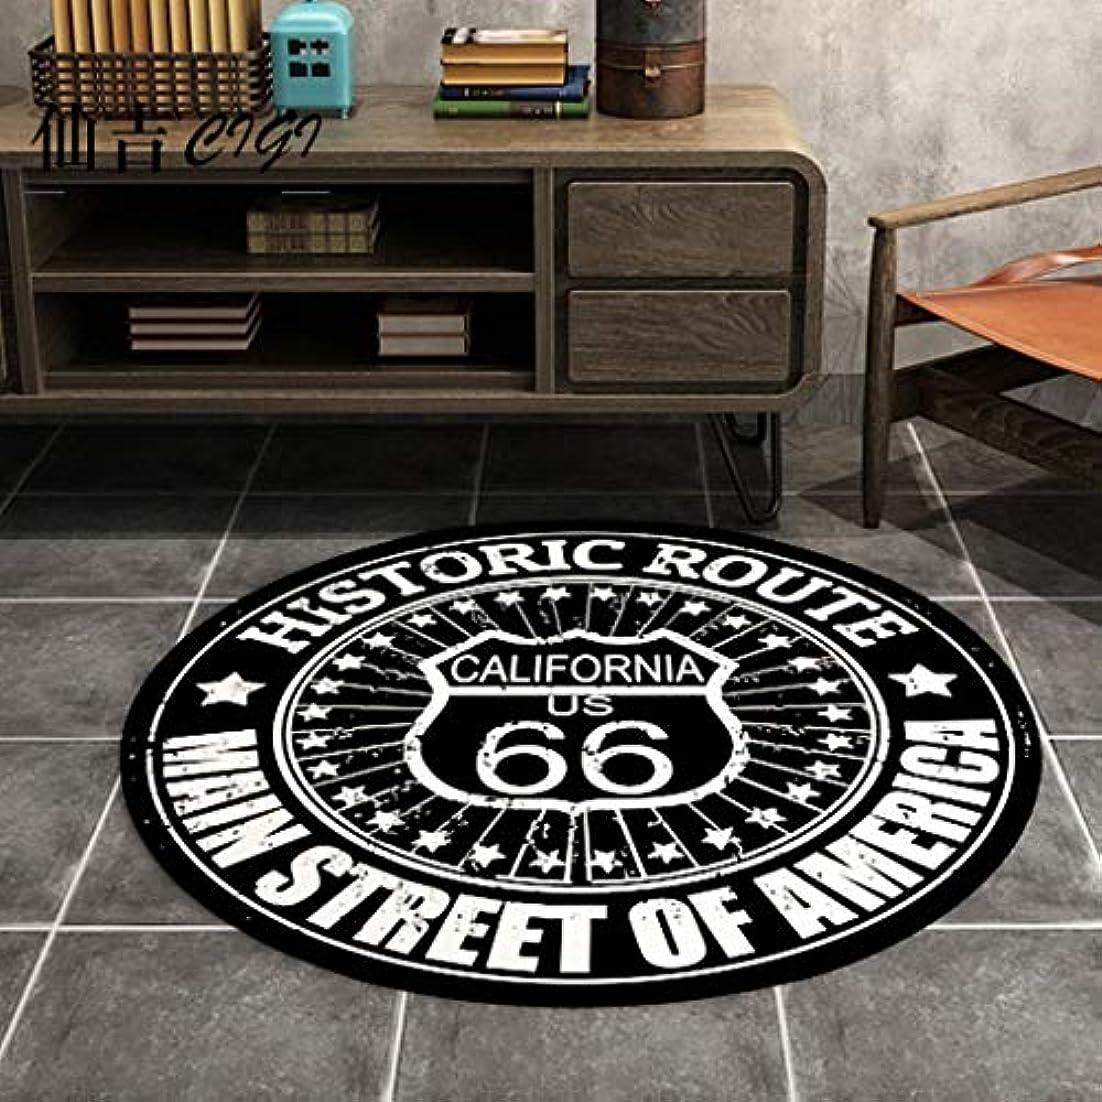 清めるサスティーン粘り強いカーペットヨーロッパとアメリカ近代的な単純なラウンドカーペットのリビングルームコーヒーテーブルの寝室のデスクコンピュータの椅子人格ラウンドカーペットマット JSFQ